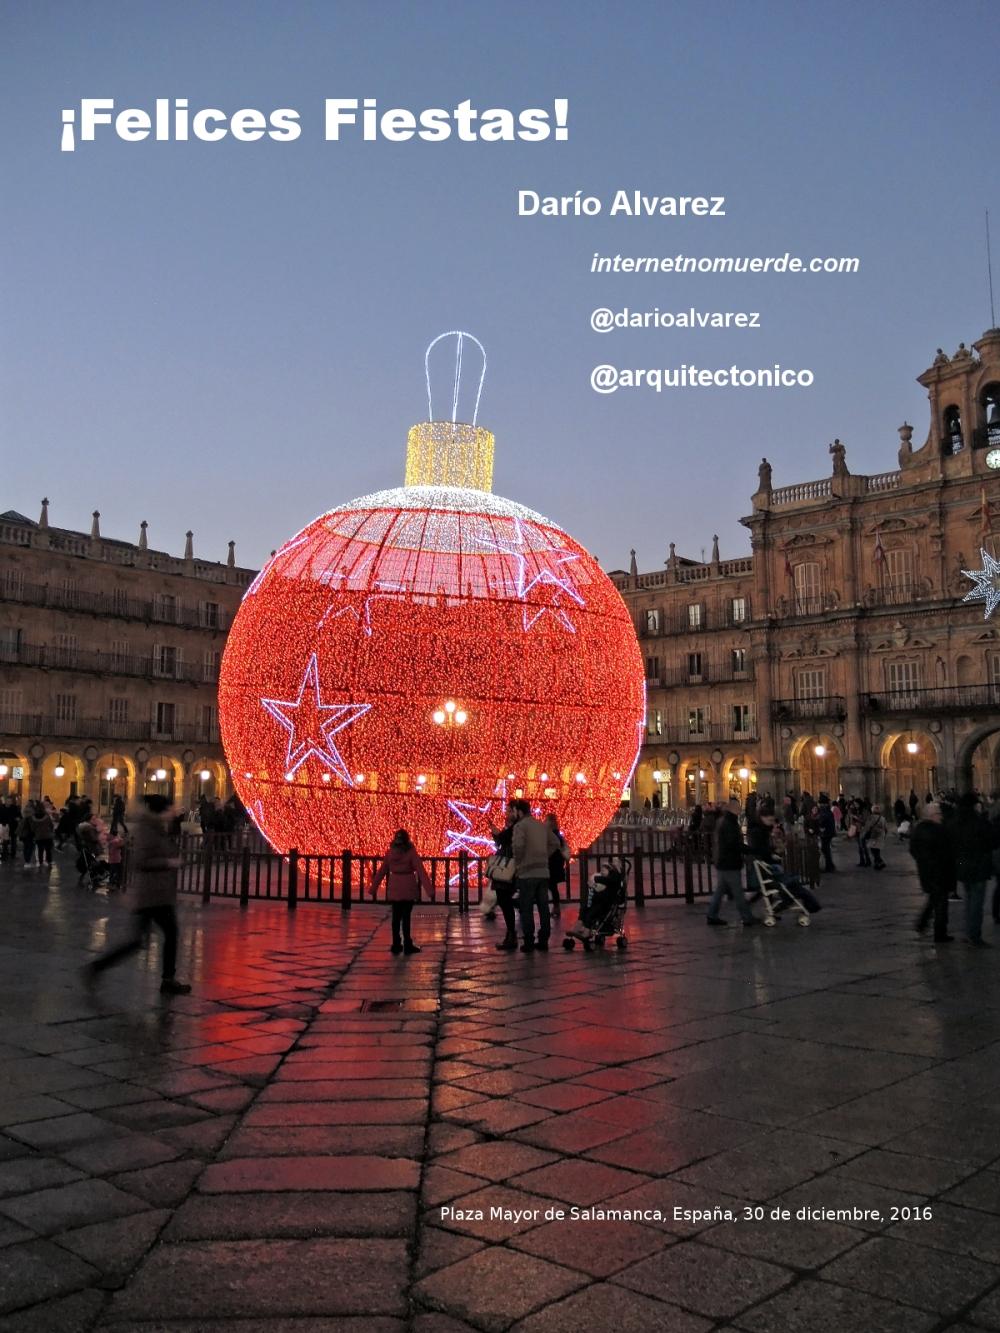 ¡Felices Fiestas! Darío Alvarez internetnomuerde.com @darioalvarez @arquitectonico En la foto: Plaza Mayor de Salamanca, España, 30 de diciembre, 2016